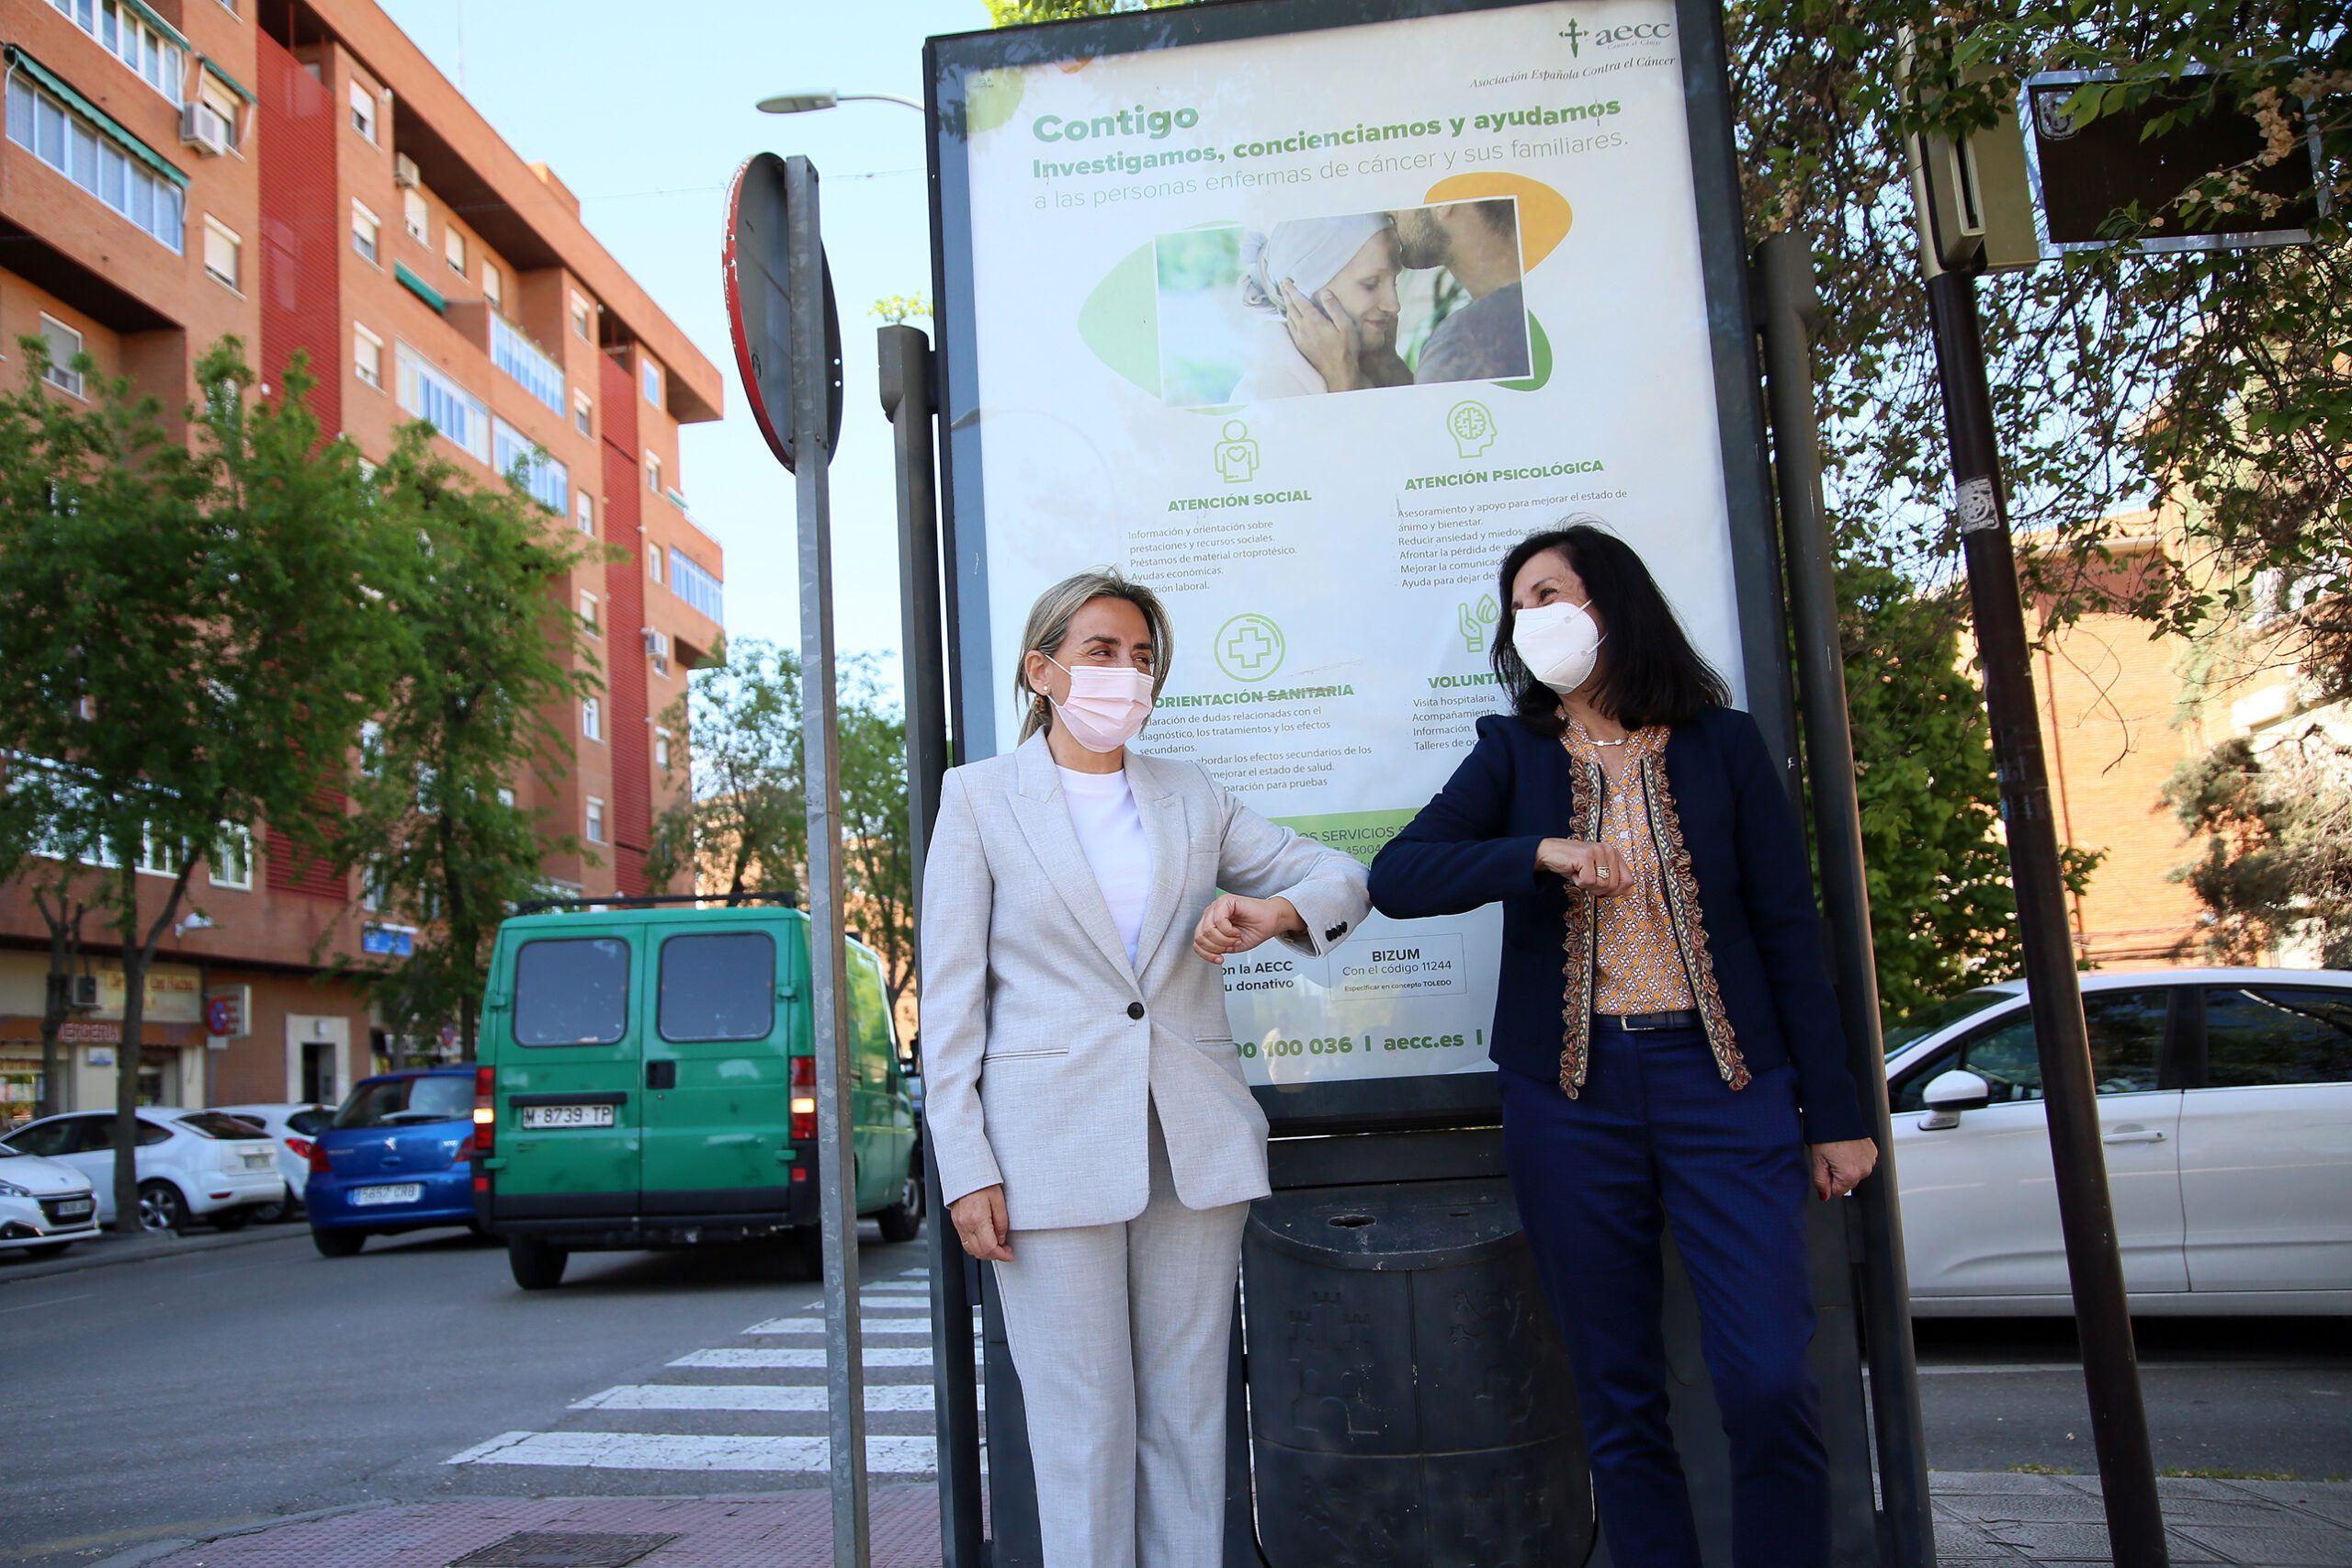 El Ayuntamiento colabora con la AECC en la difusión de información y sensibilización sobre el cáncer